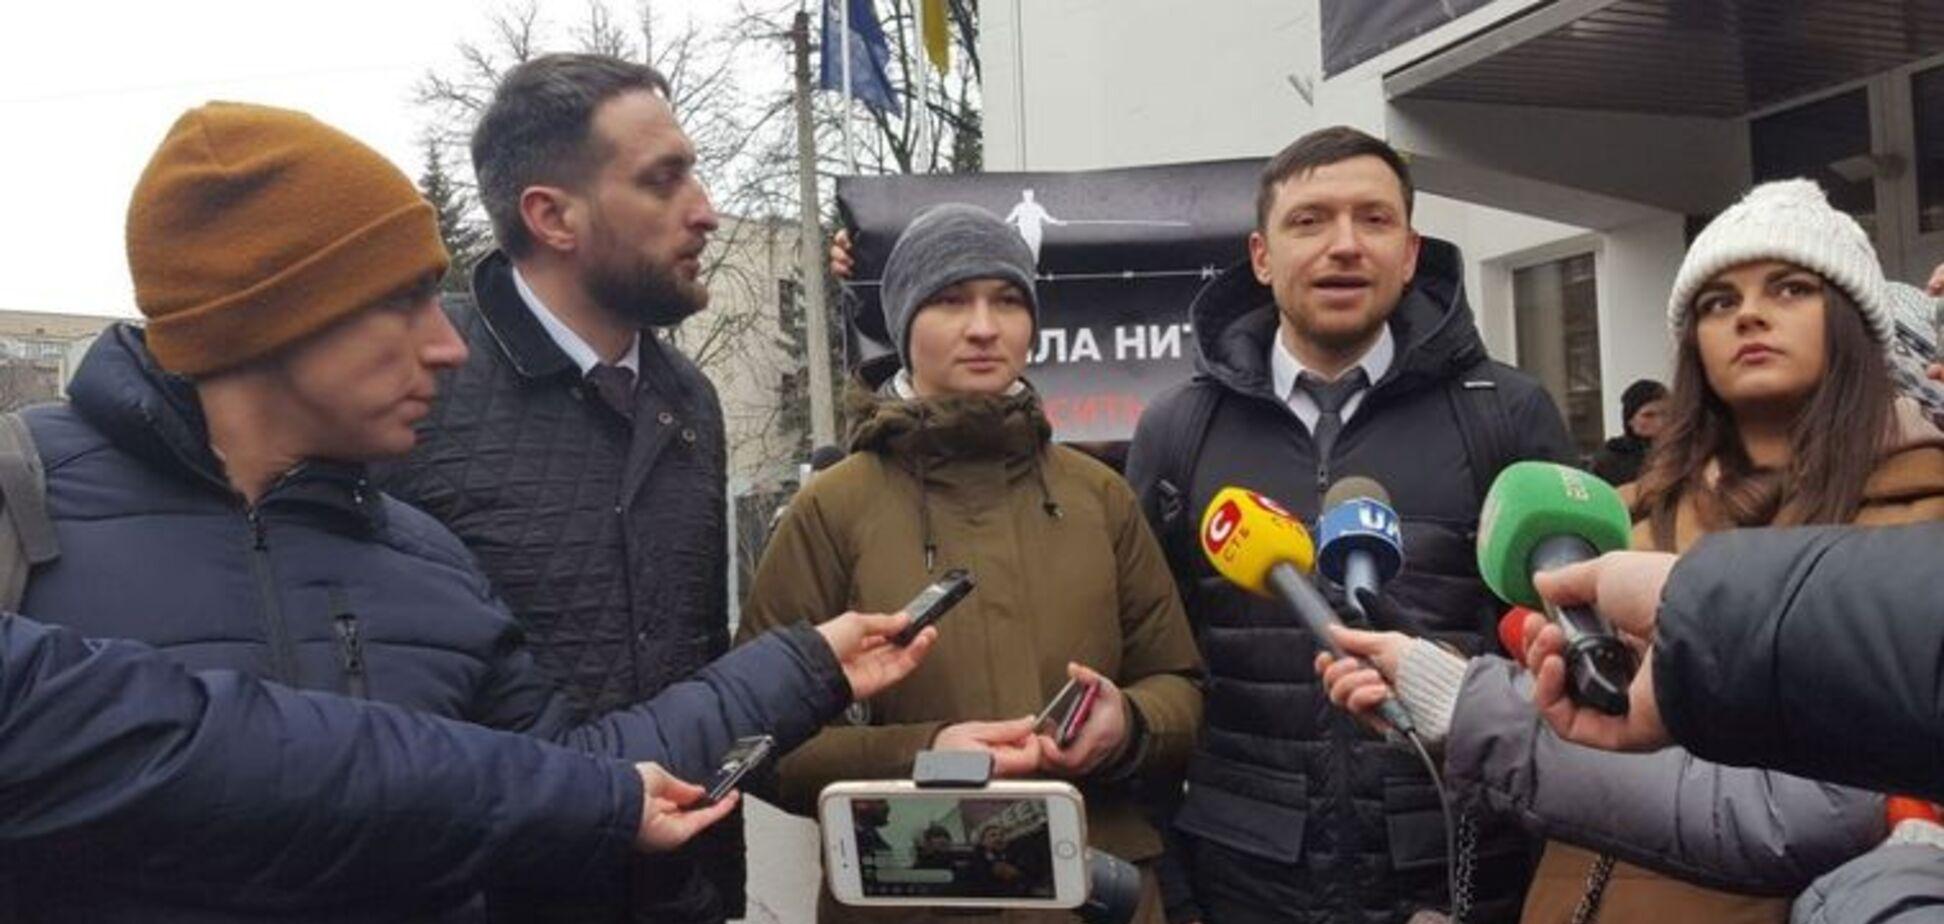 Дугарь спростувала докази поліції у справі Шеремета